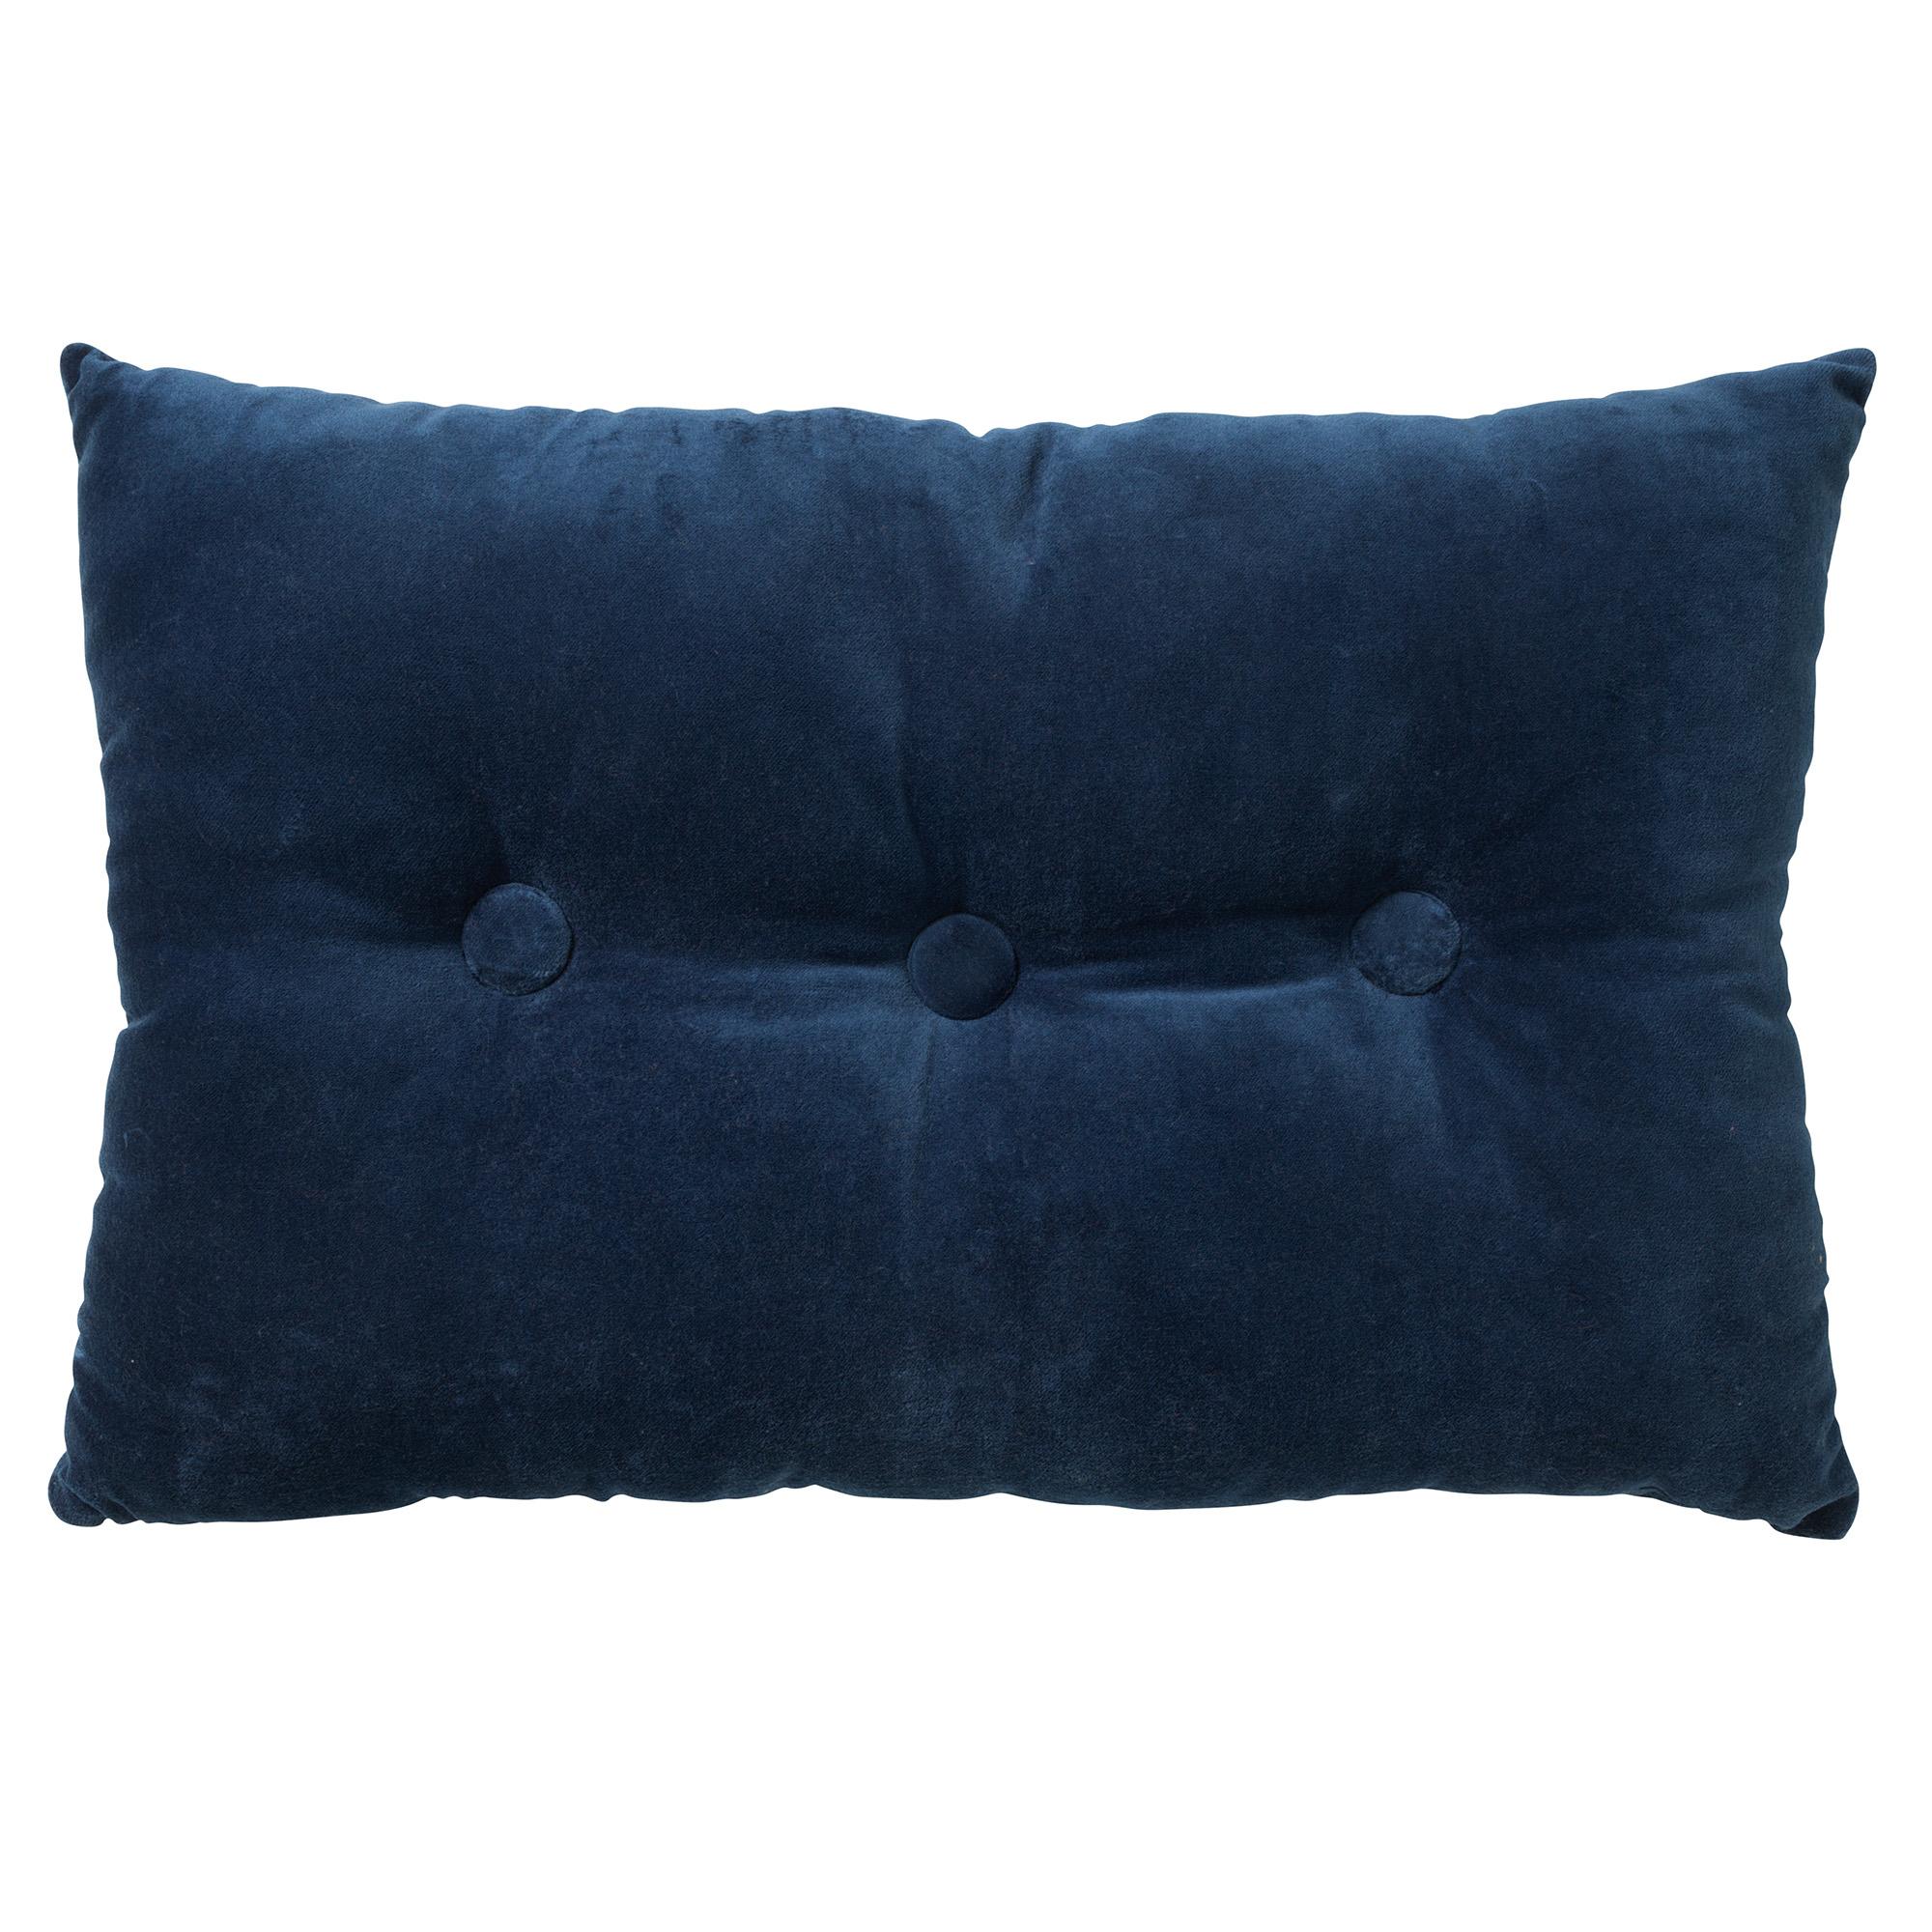 VALERIE - Sierkussen velvet Insignia Blue 40x60 cm